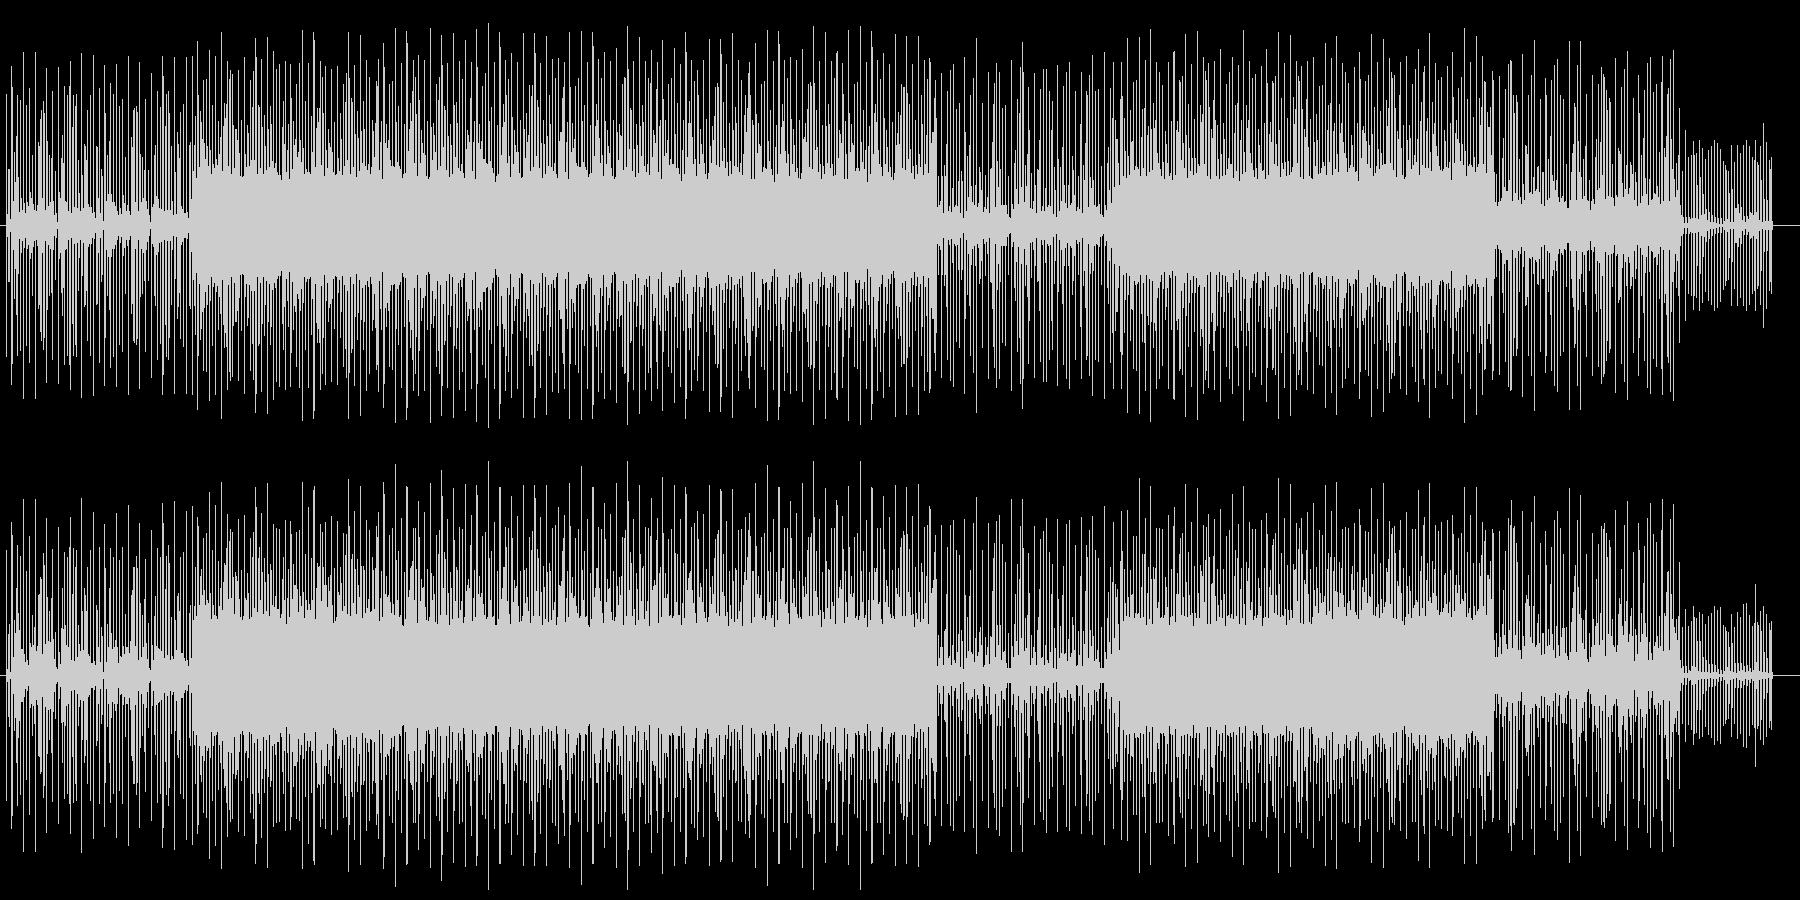 フワフワしたイメージの魅惑的な曲の未再生の波形